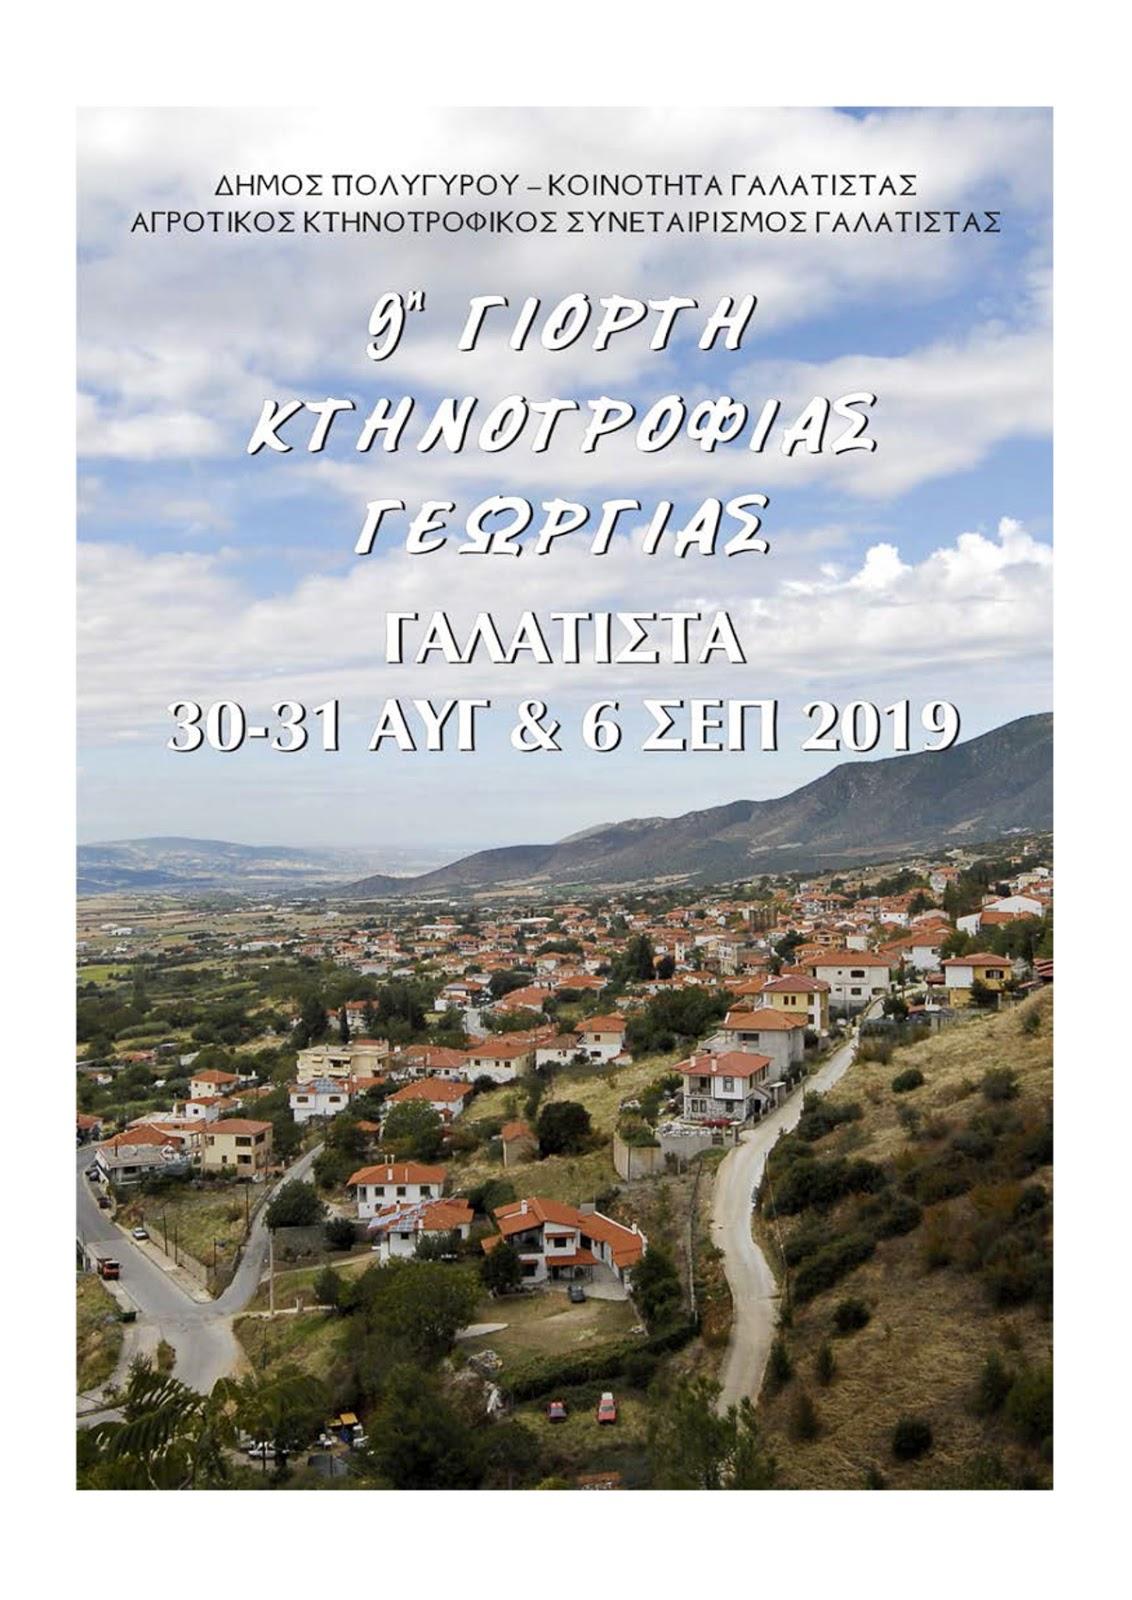 9η Γιορτή Κτηνοτροφίας – Γεωργίας στη Γαλάτιστα